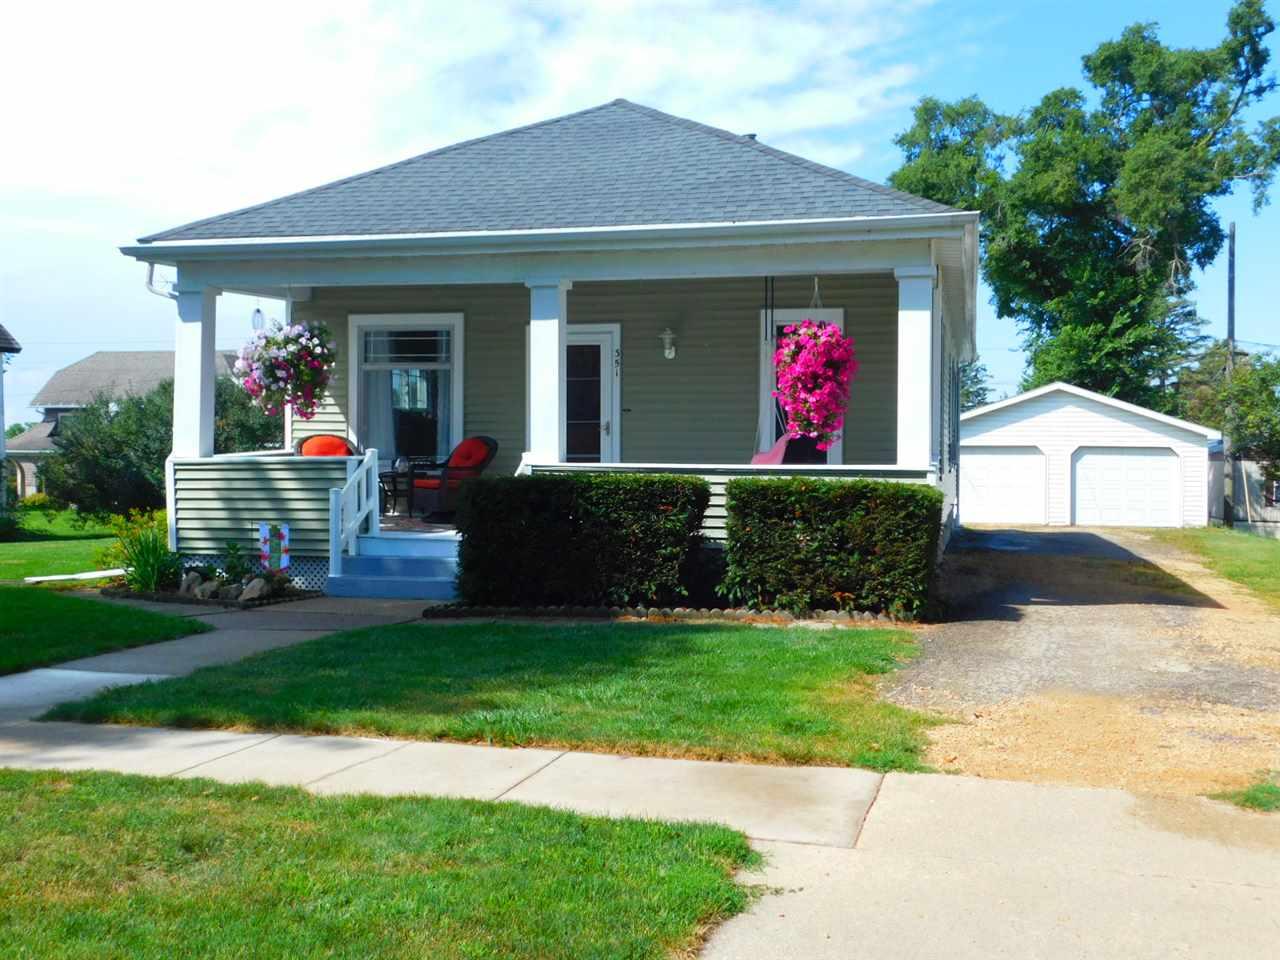 351 Galena St, Benton, WI 53803